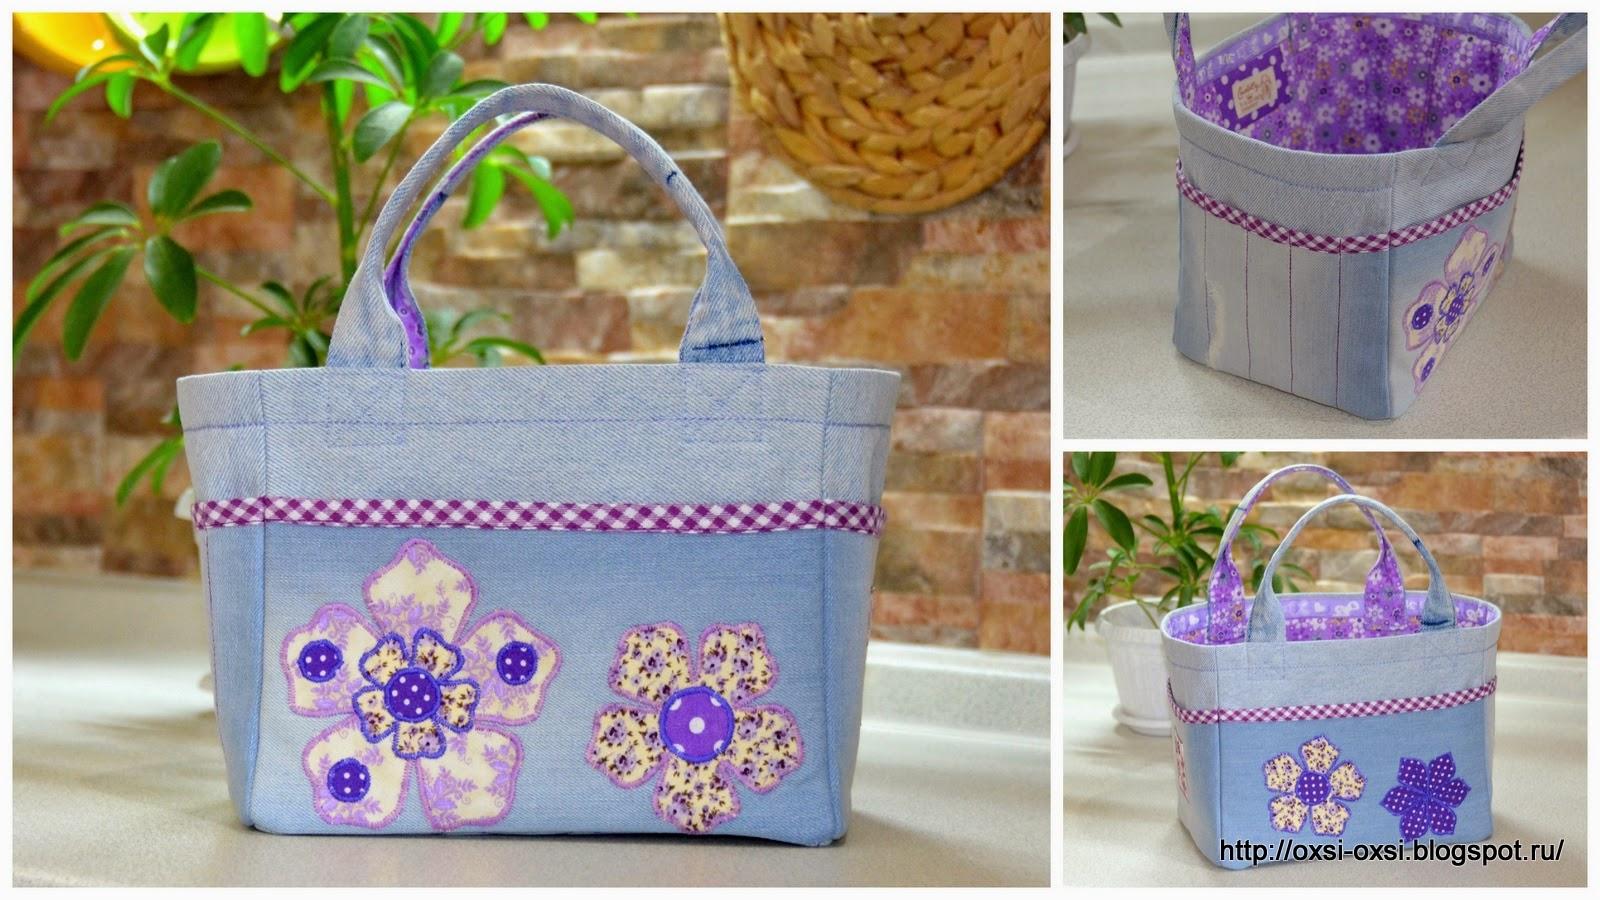 needlework bag, сумка для рукоделия, вязание, аксессуары